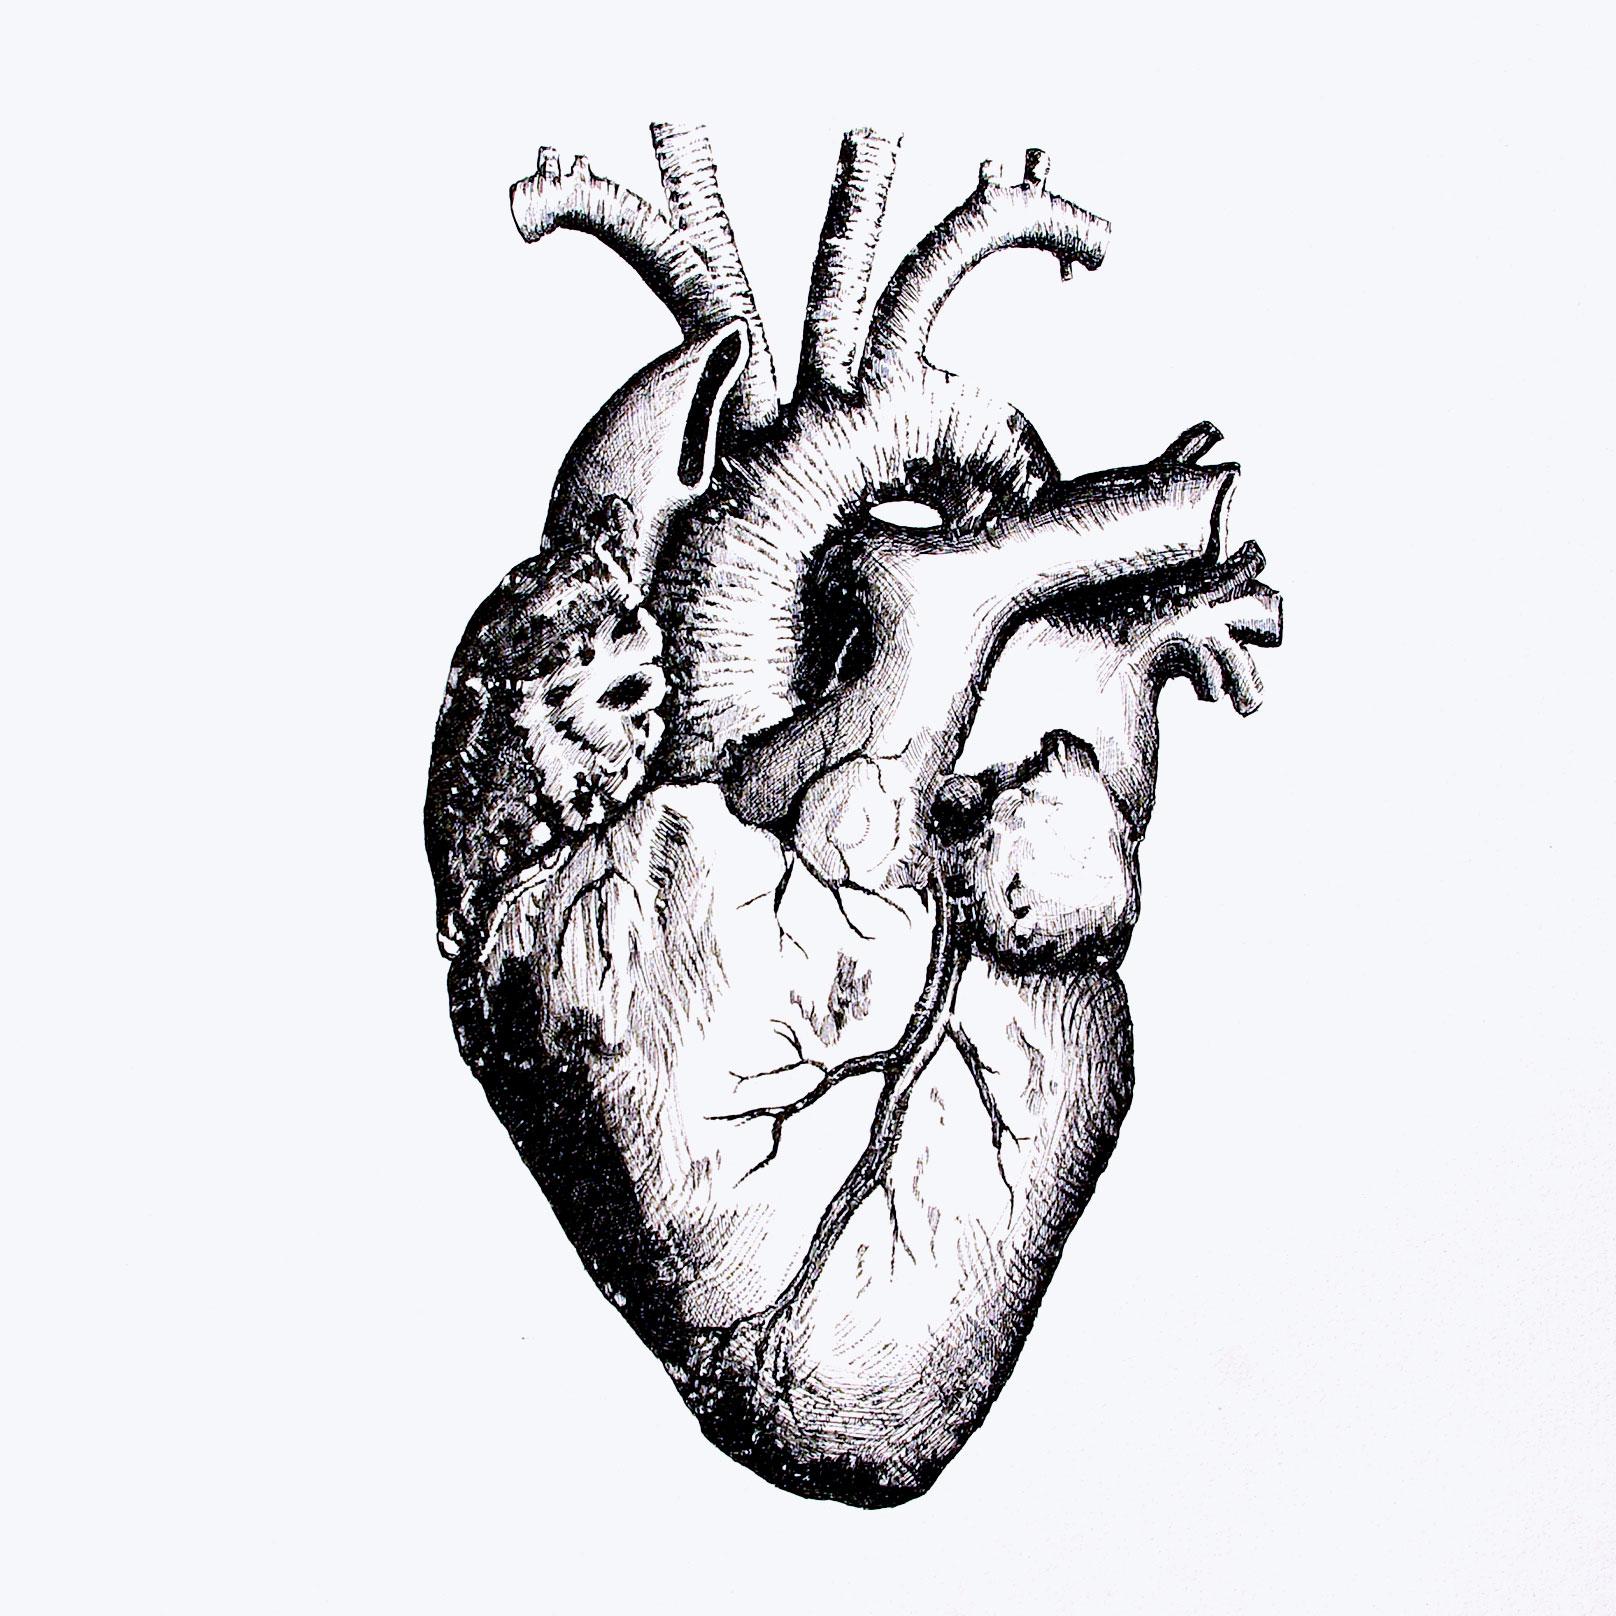 8.coeur encre sur papier 50x50cm 2014 original